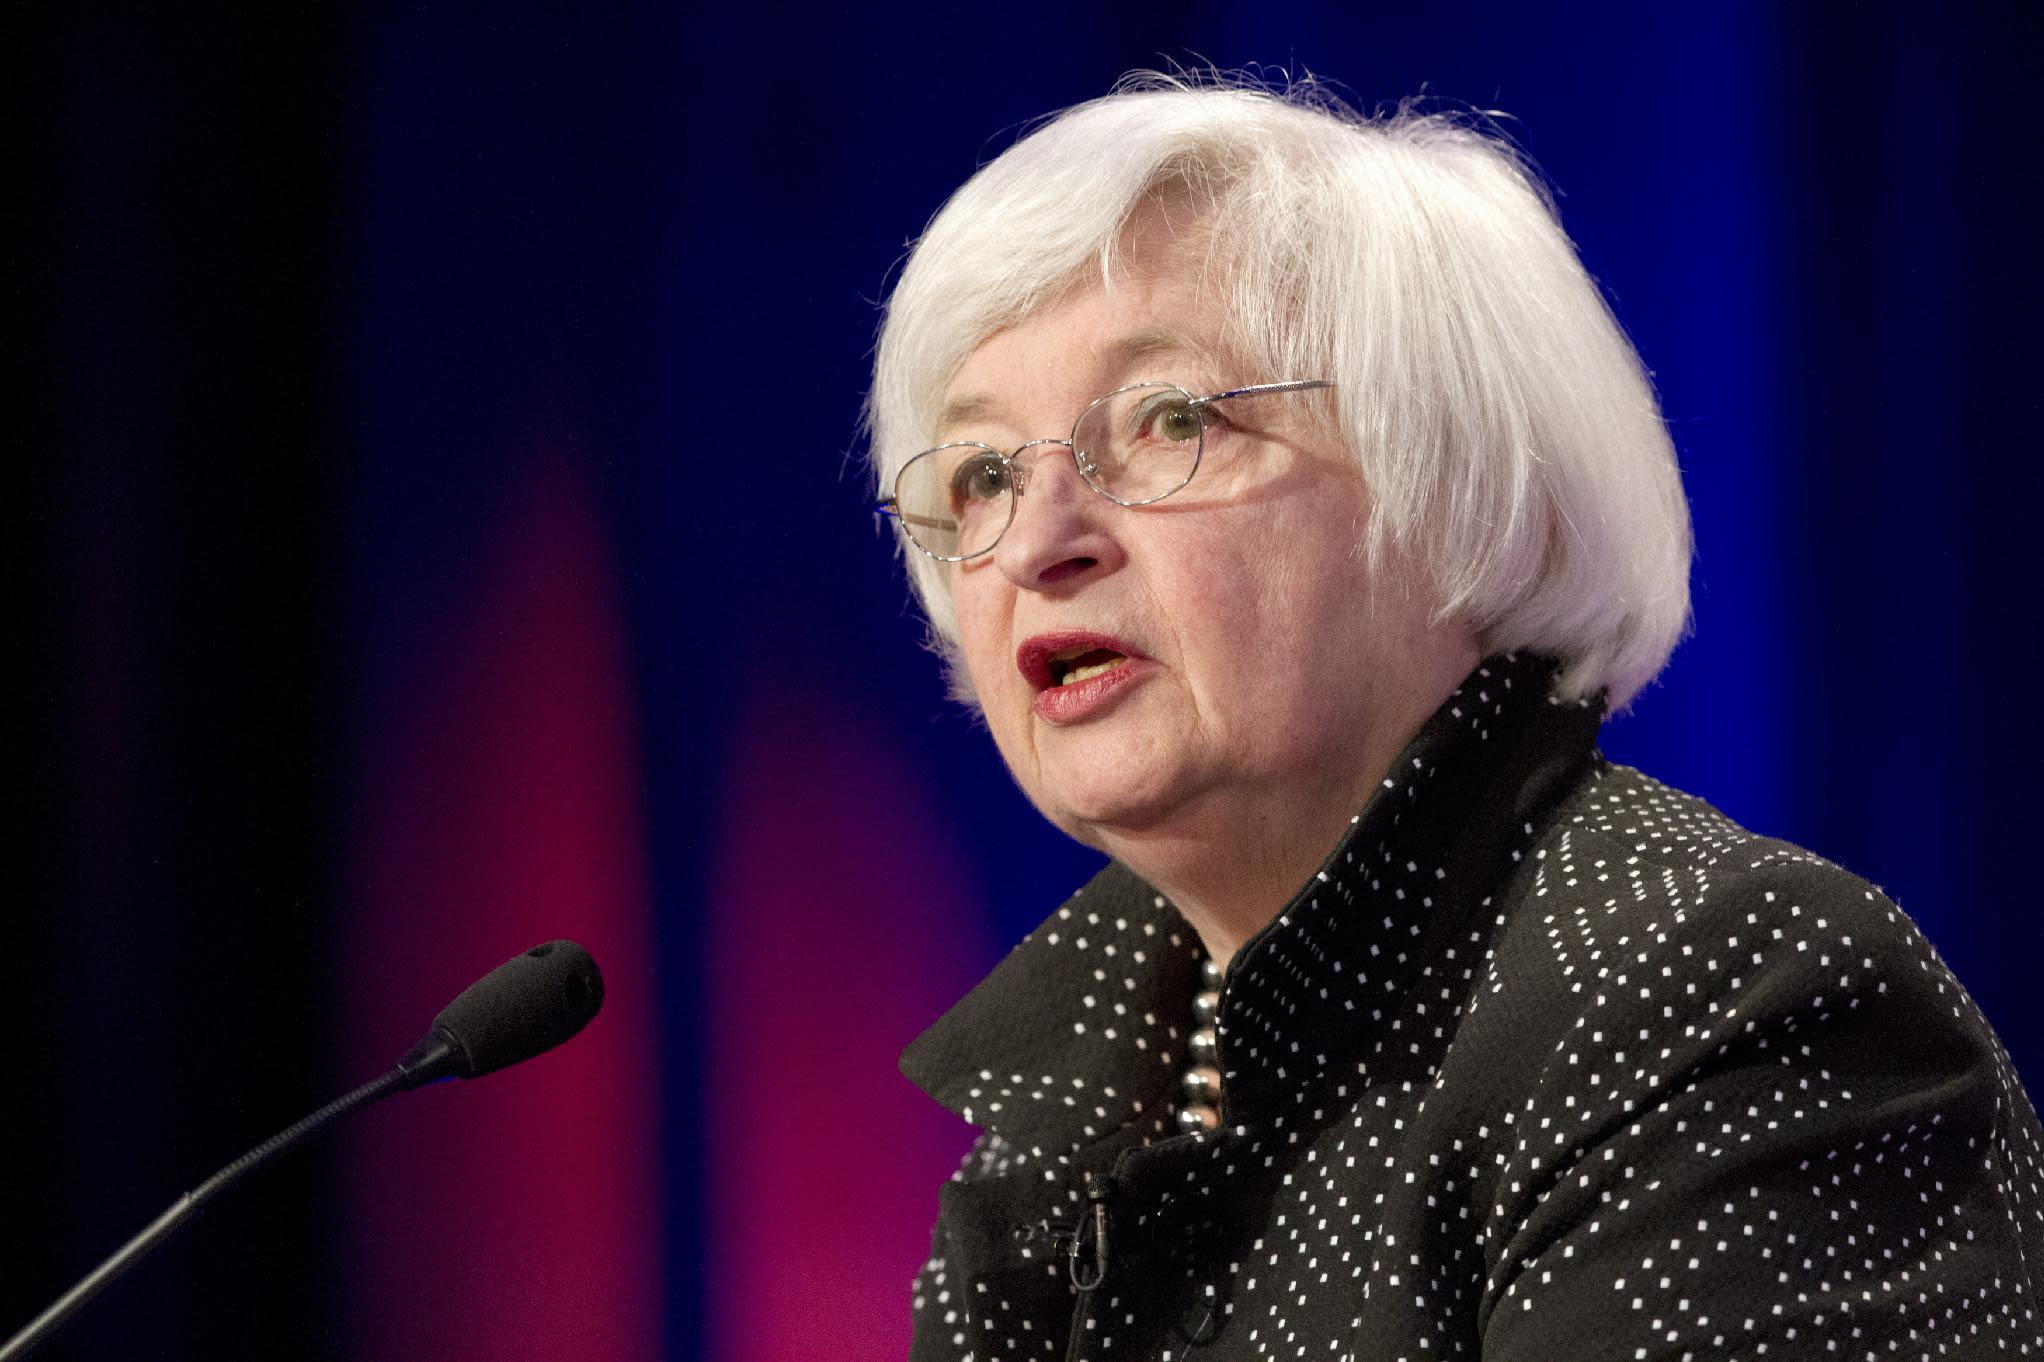 Yellen says bank regulators making progress in reforms